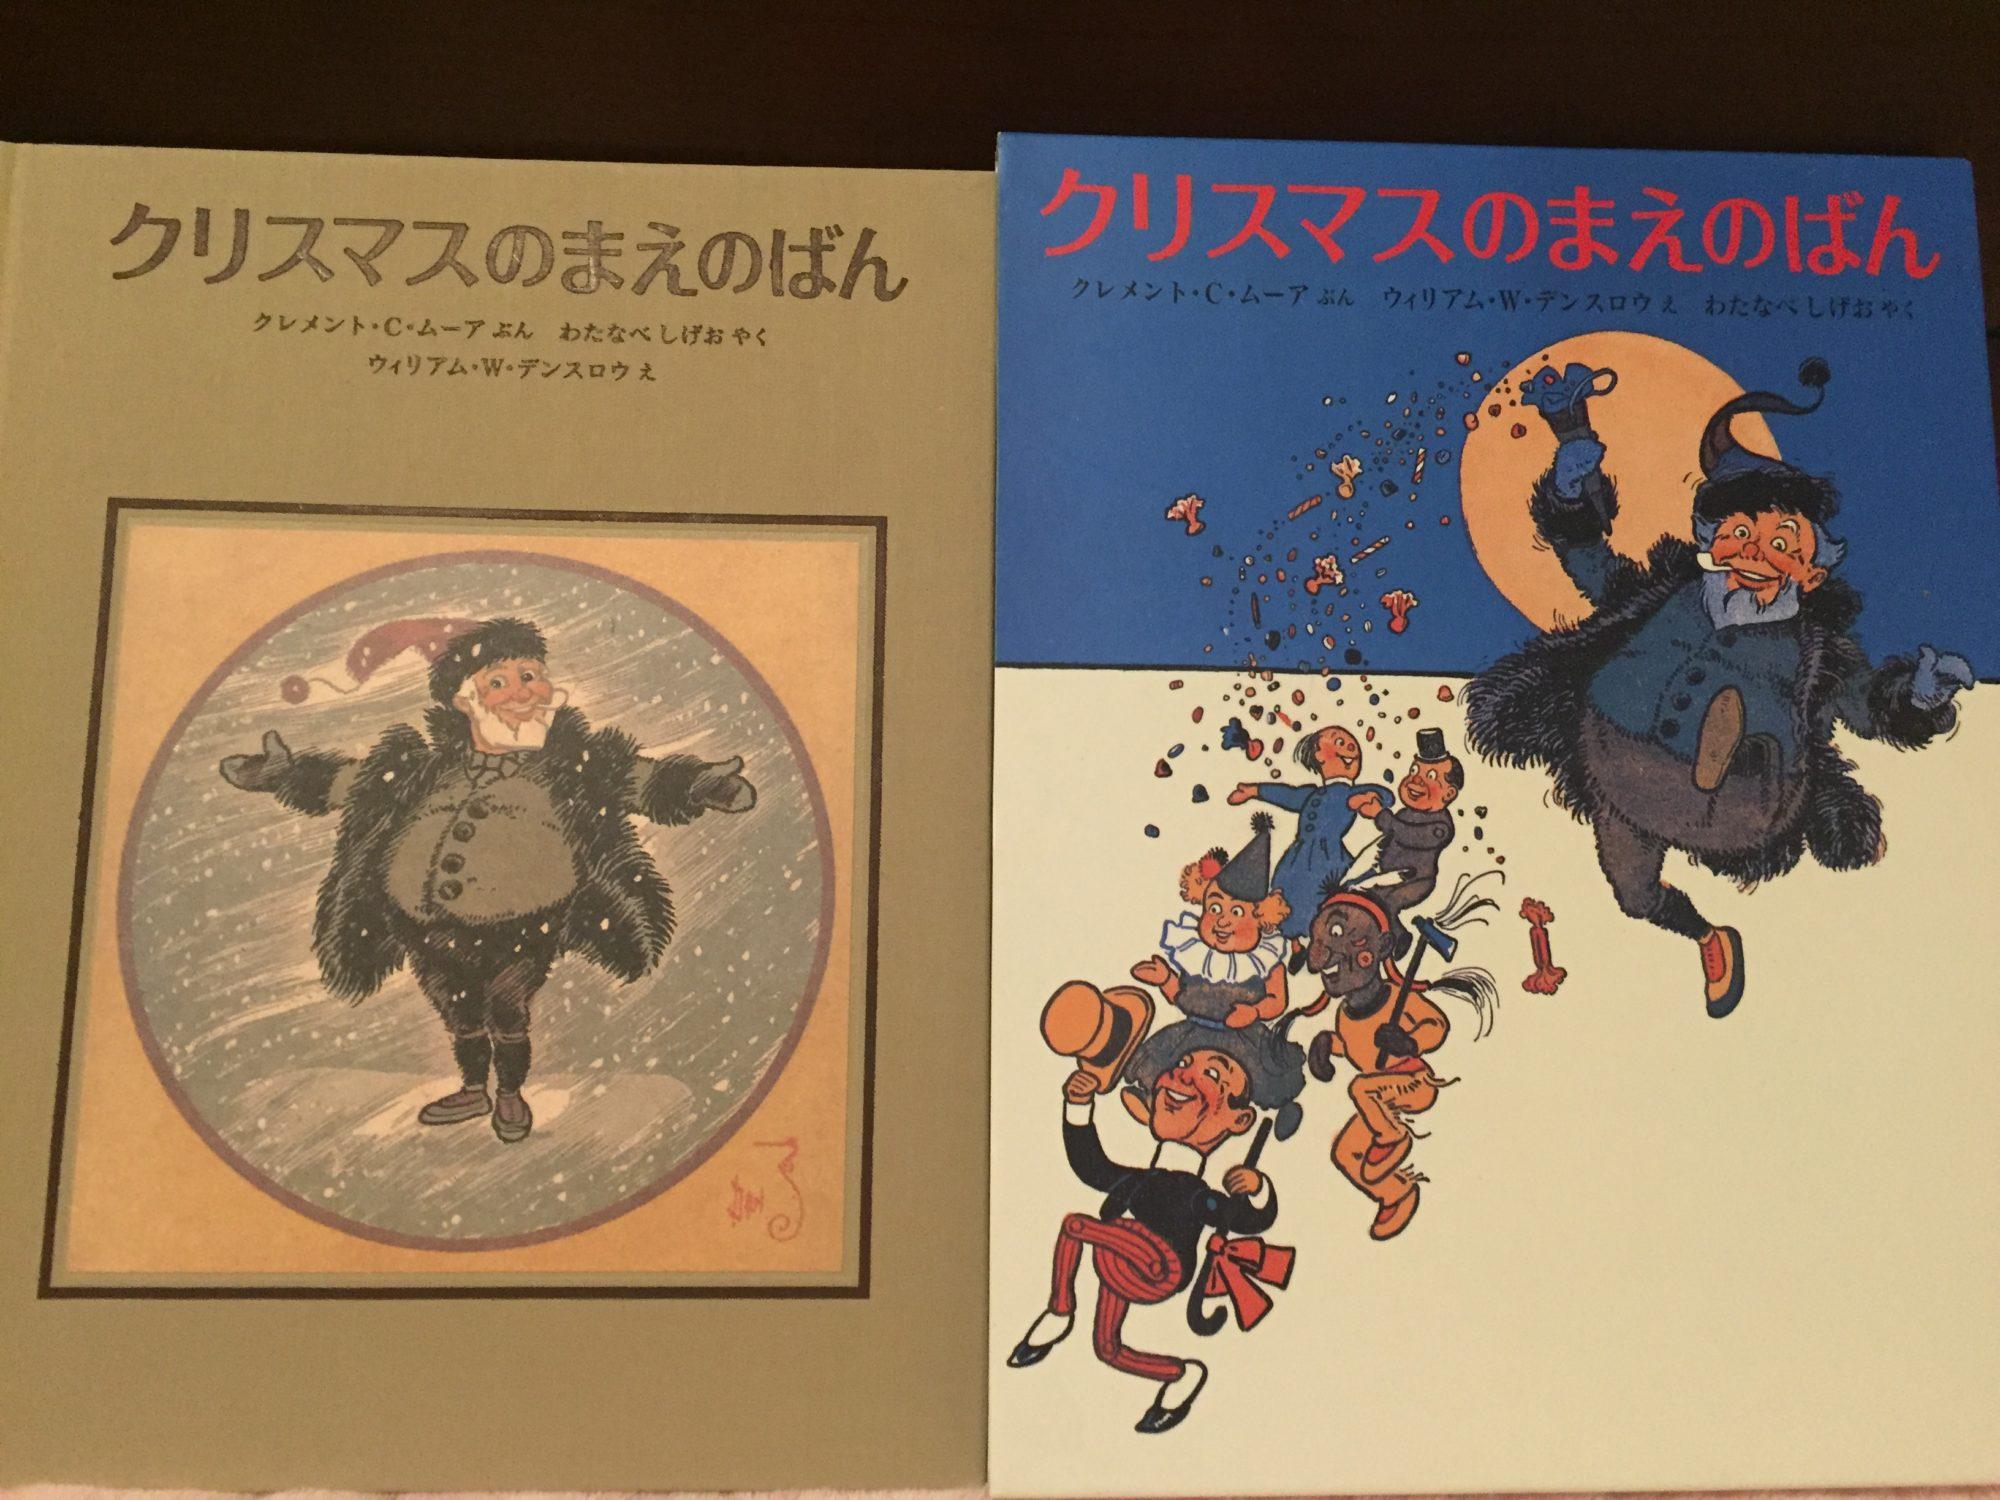 The night before the Christmasが収められた本。こちらの挿絵はオズの魔法使いの挿絵も担当した作者でレトロ